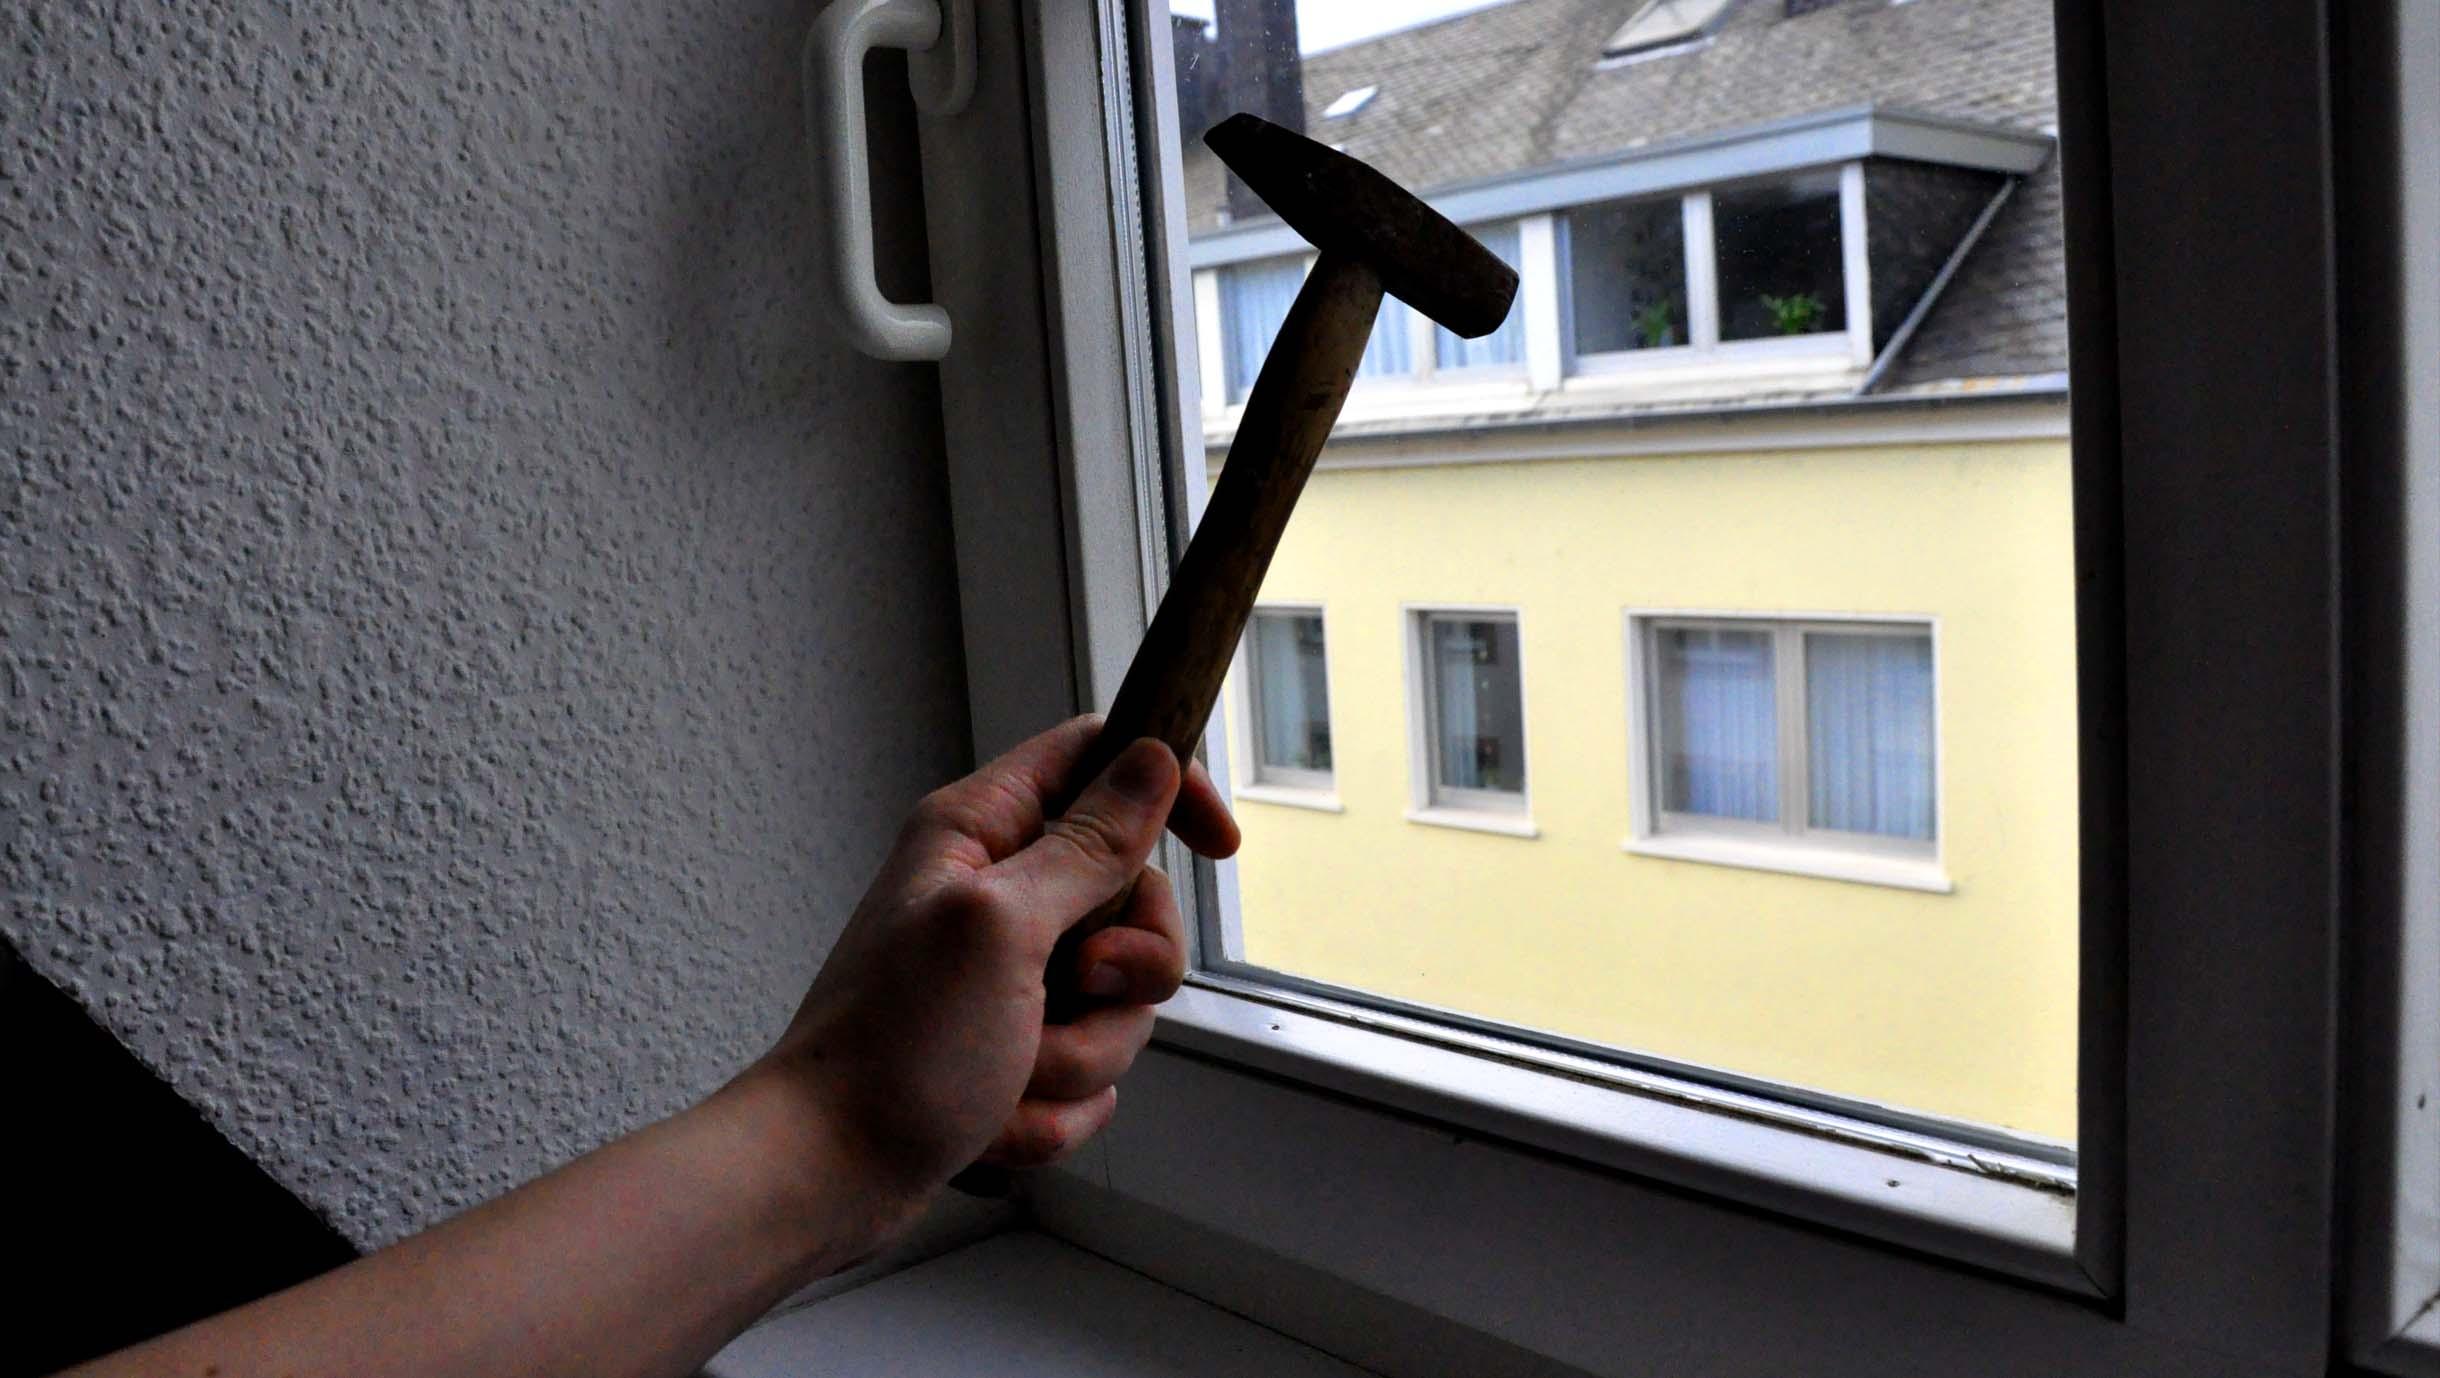 Full Size of Sinnlos Fenster Eingeschlagen Einbruch 54 Trier Einbruchschutz Folie Für Mit Eingebauten Rolladen Abdichten Konfigurator Schüko Plissee Sicherheitsbeschläge Fenster Fenster Trier